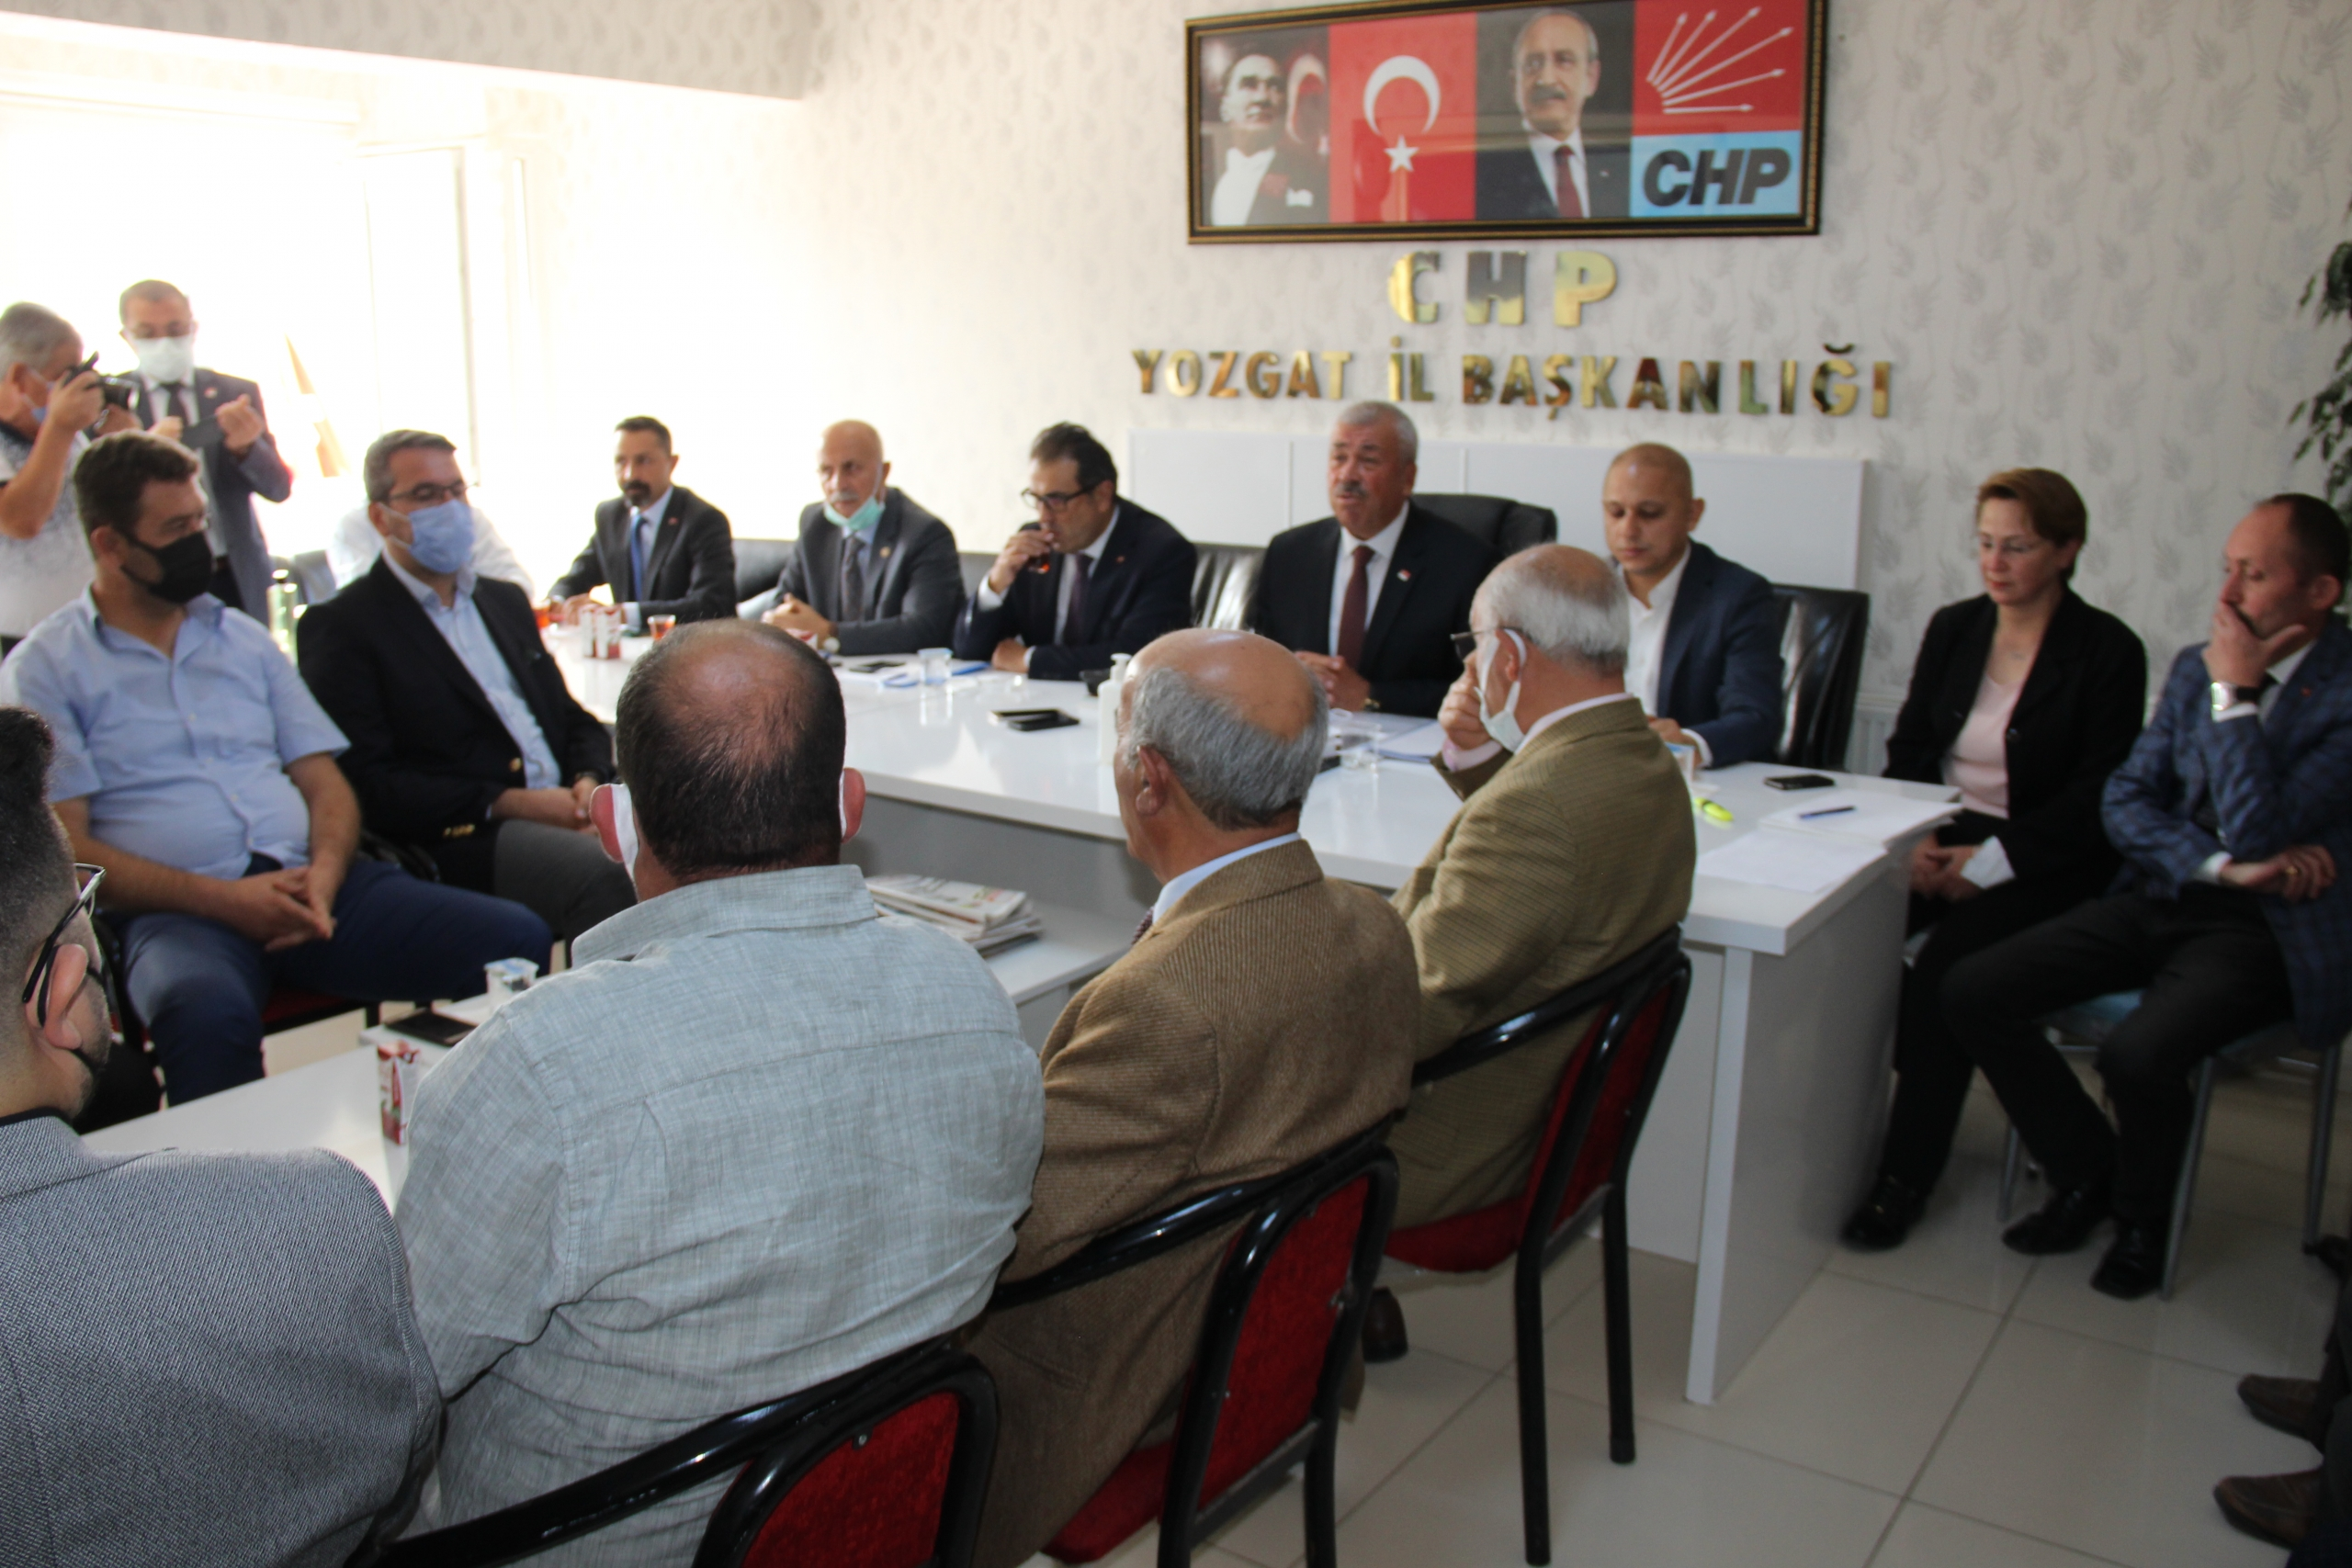 CHP'li vekillerden Yozgat'a çıkarma